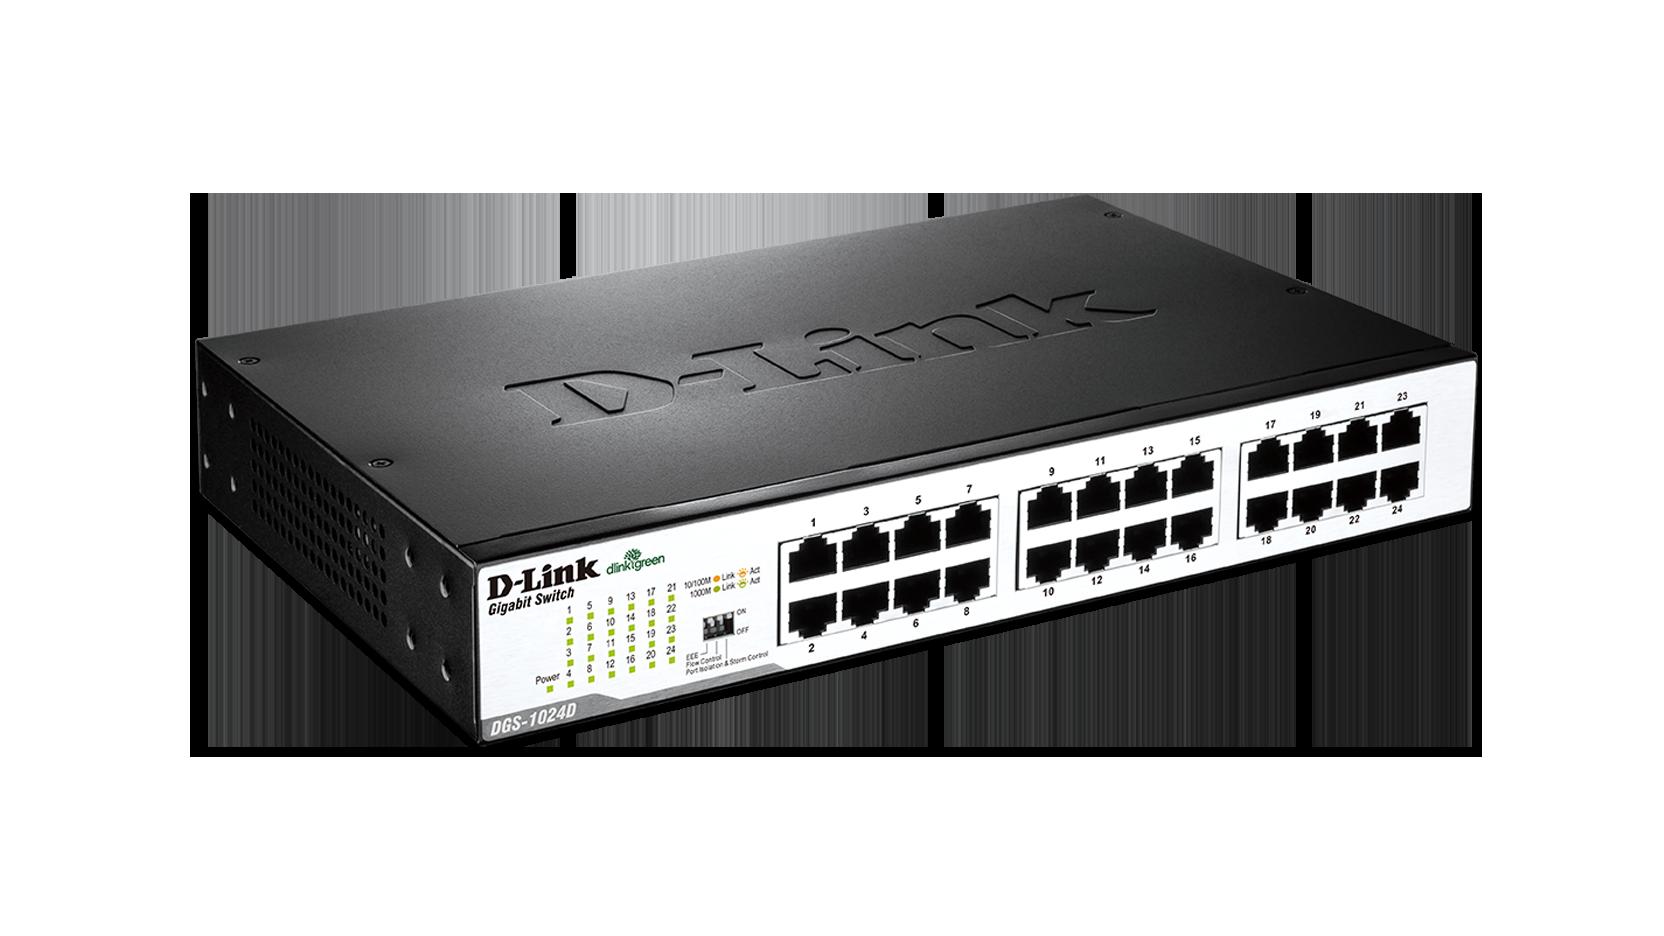 D Link Dgs 1024d 24 Port Gigabit Unmanaged Desktop Switch Port Gigabit Switch Switch